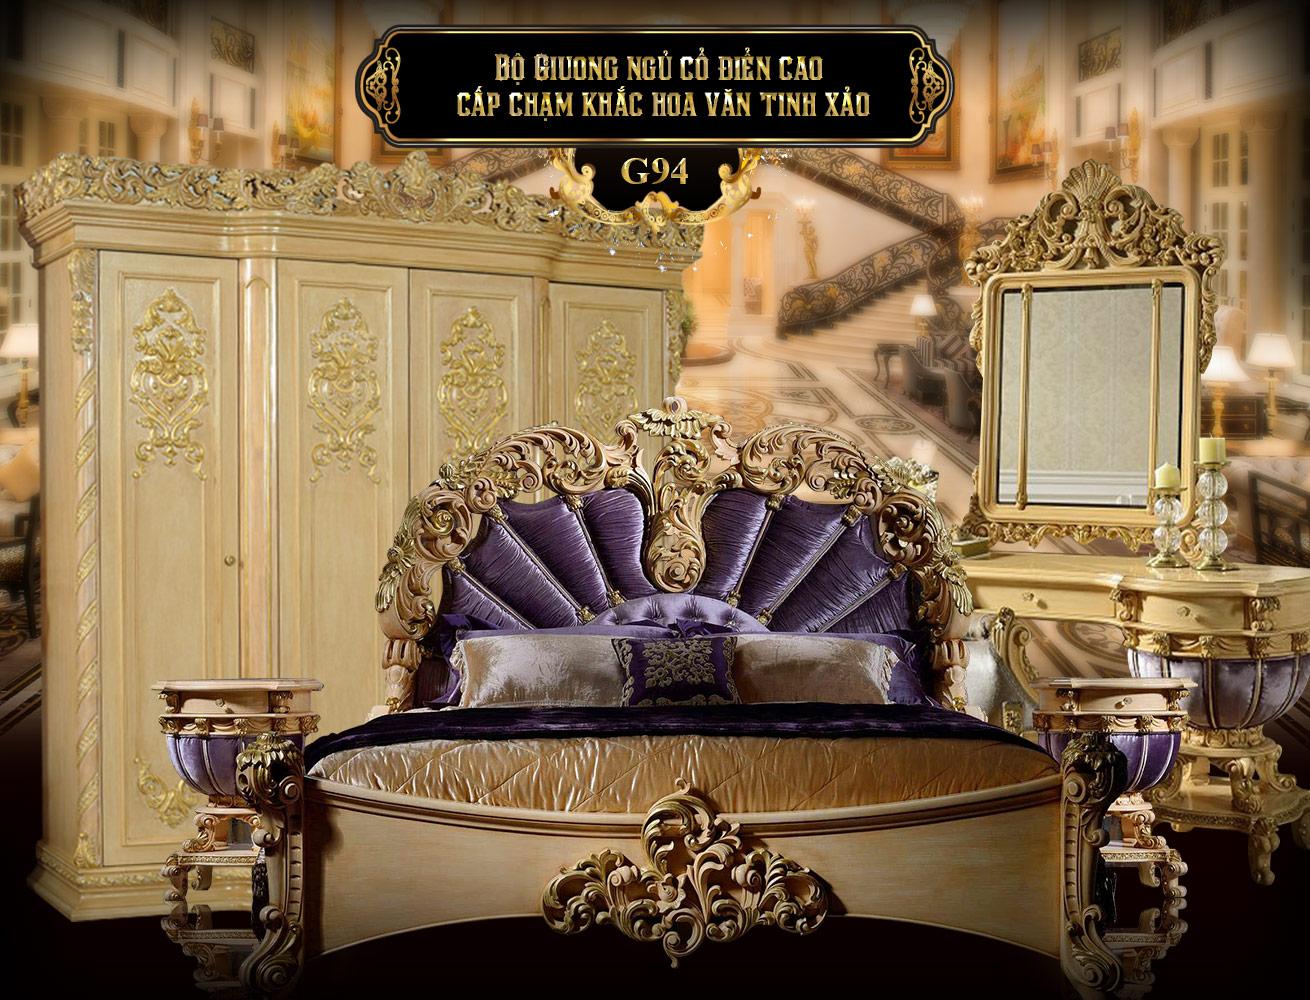 Bộ giường ngủ cổ điển cao cấp G94A, giường cổ điển chạm khắc hoa văn đẹp nhập khẩu